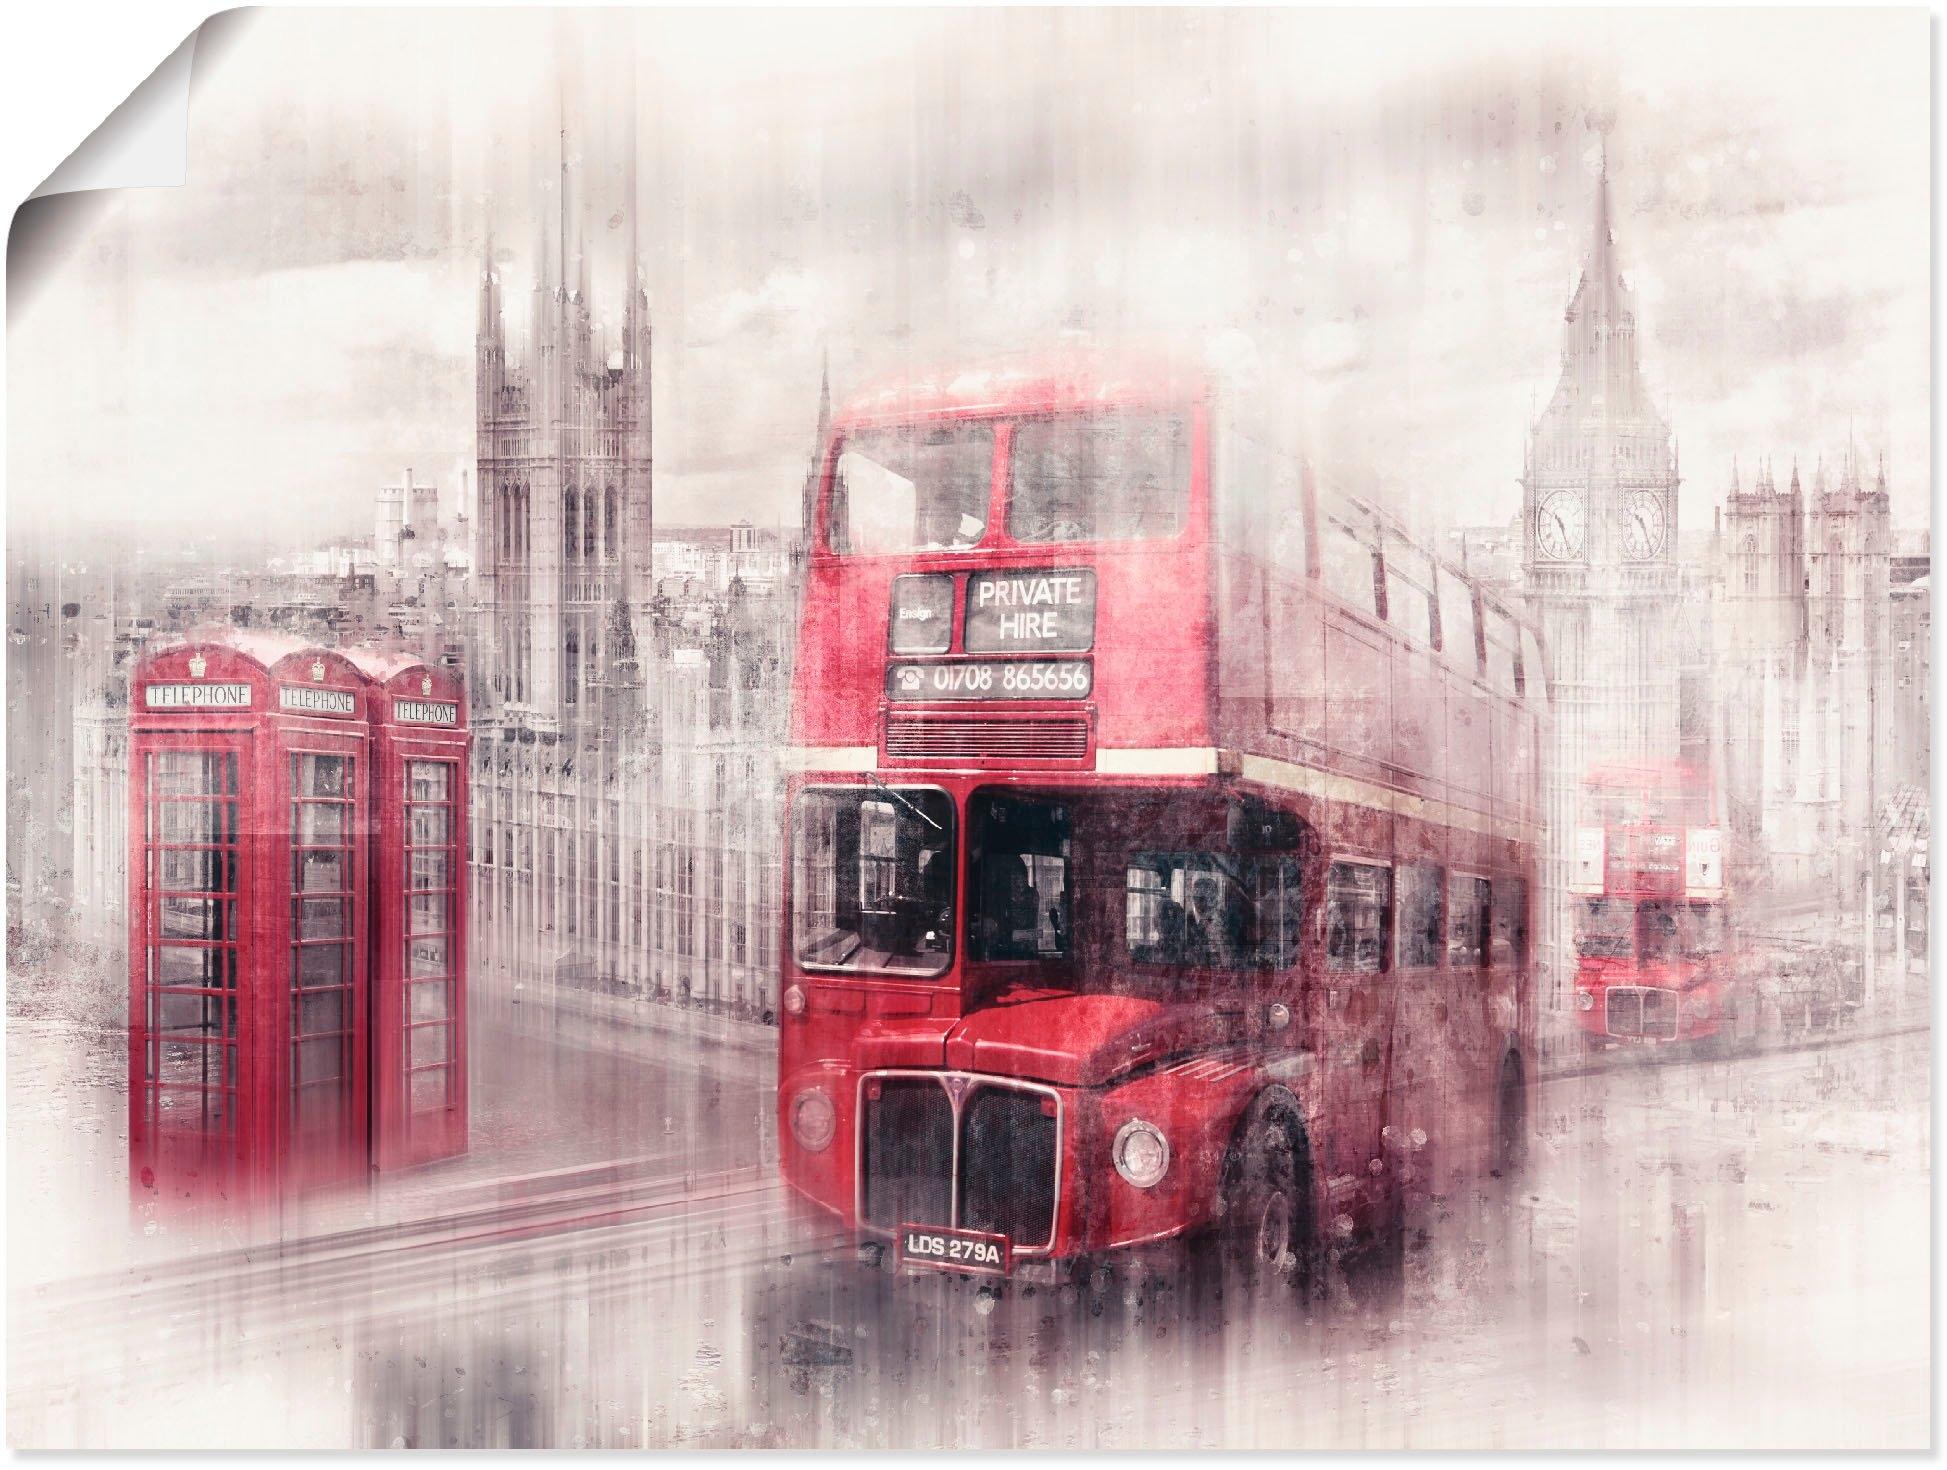 Artland Artprint Londen Westminster collage in vele afmetingen & productsoorten - artprint van aluminium / artprint voor buiten, artprint op linnen, poster, muursticker / wandfolie ook geschikt voor de badkamer (1 stuk) in de webshop van OTTO kopen